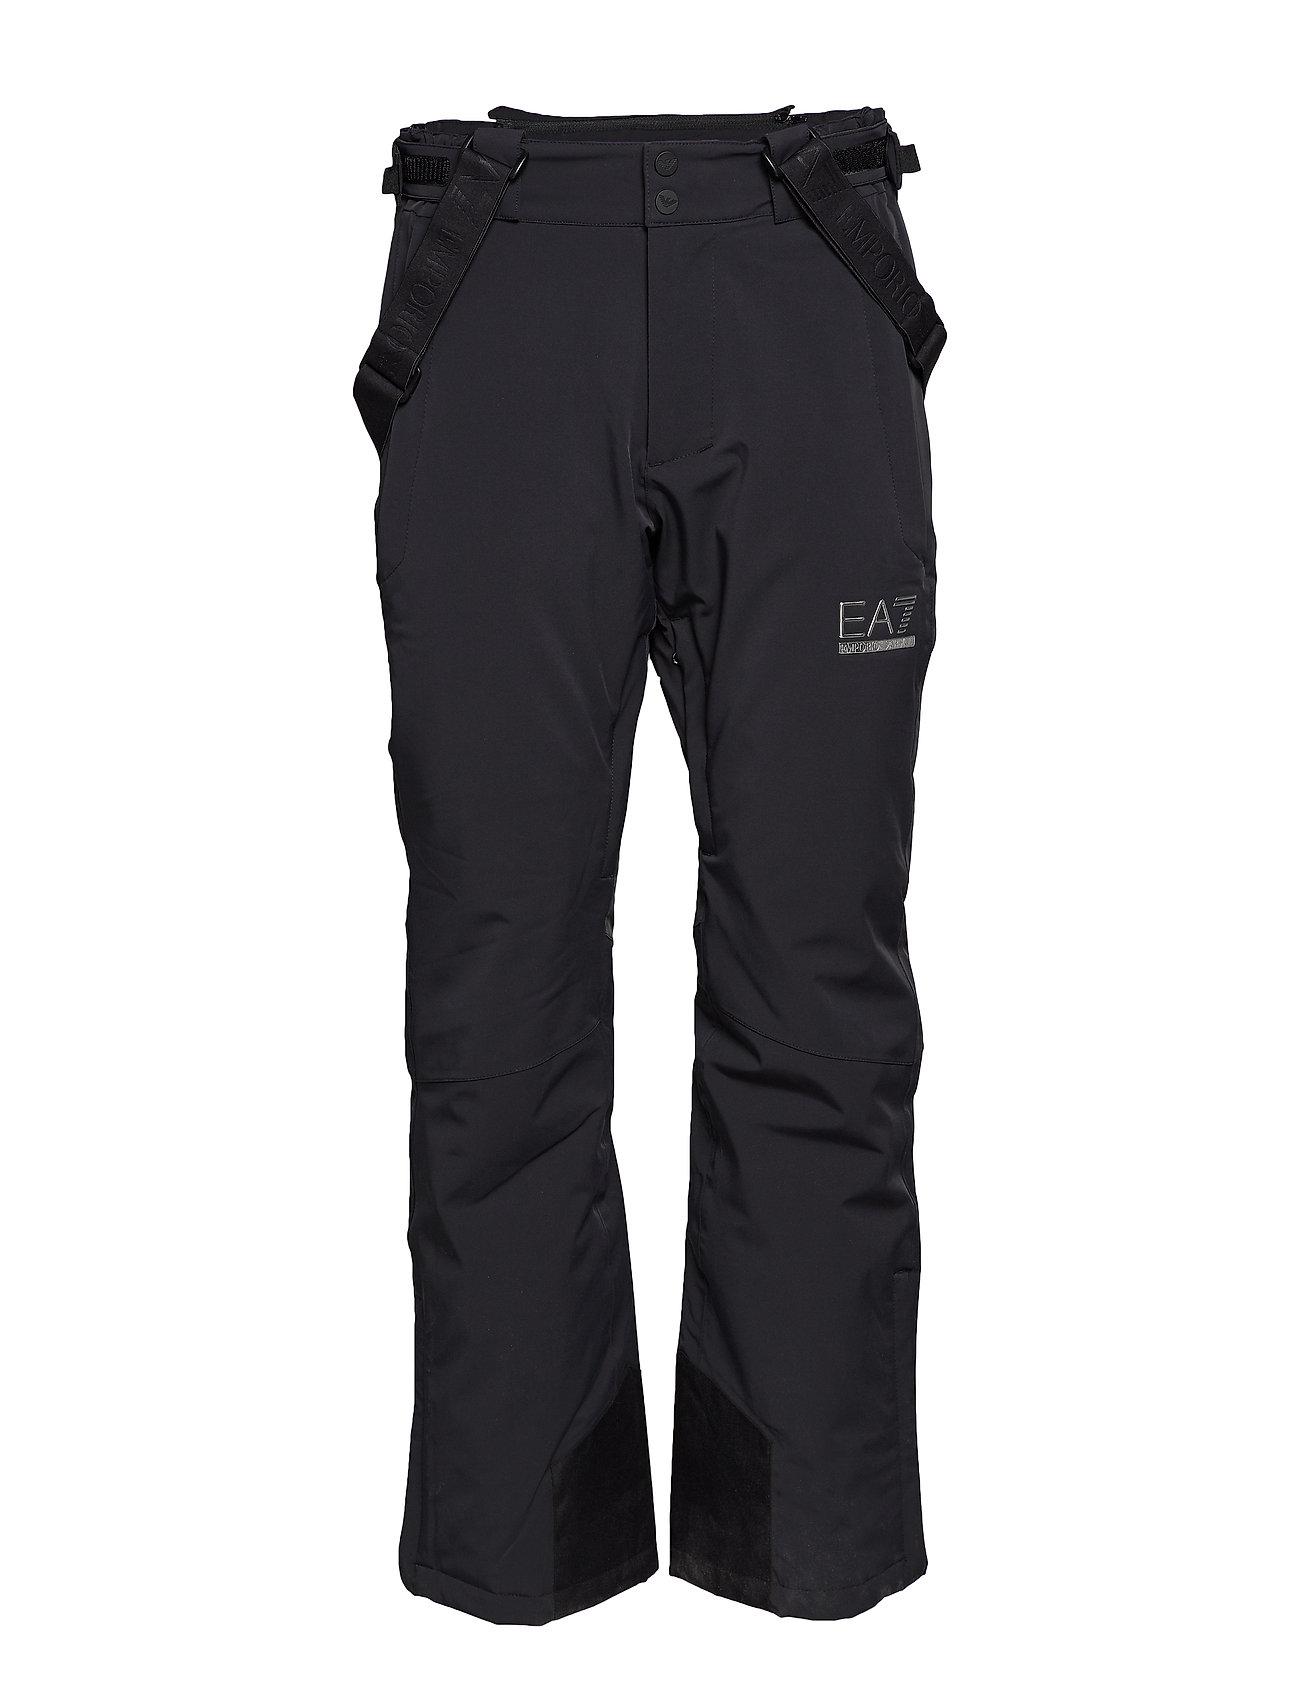 EA7 SKI PANTS - BLACK